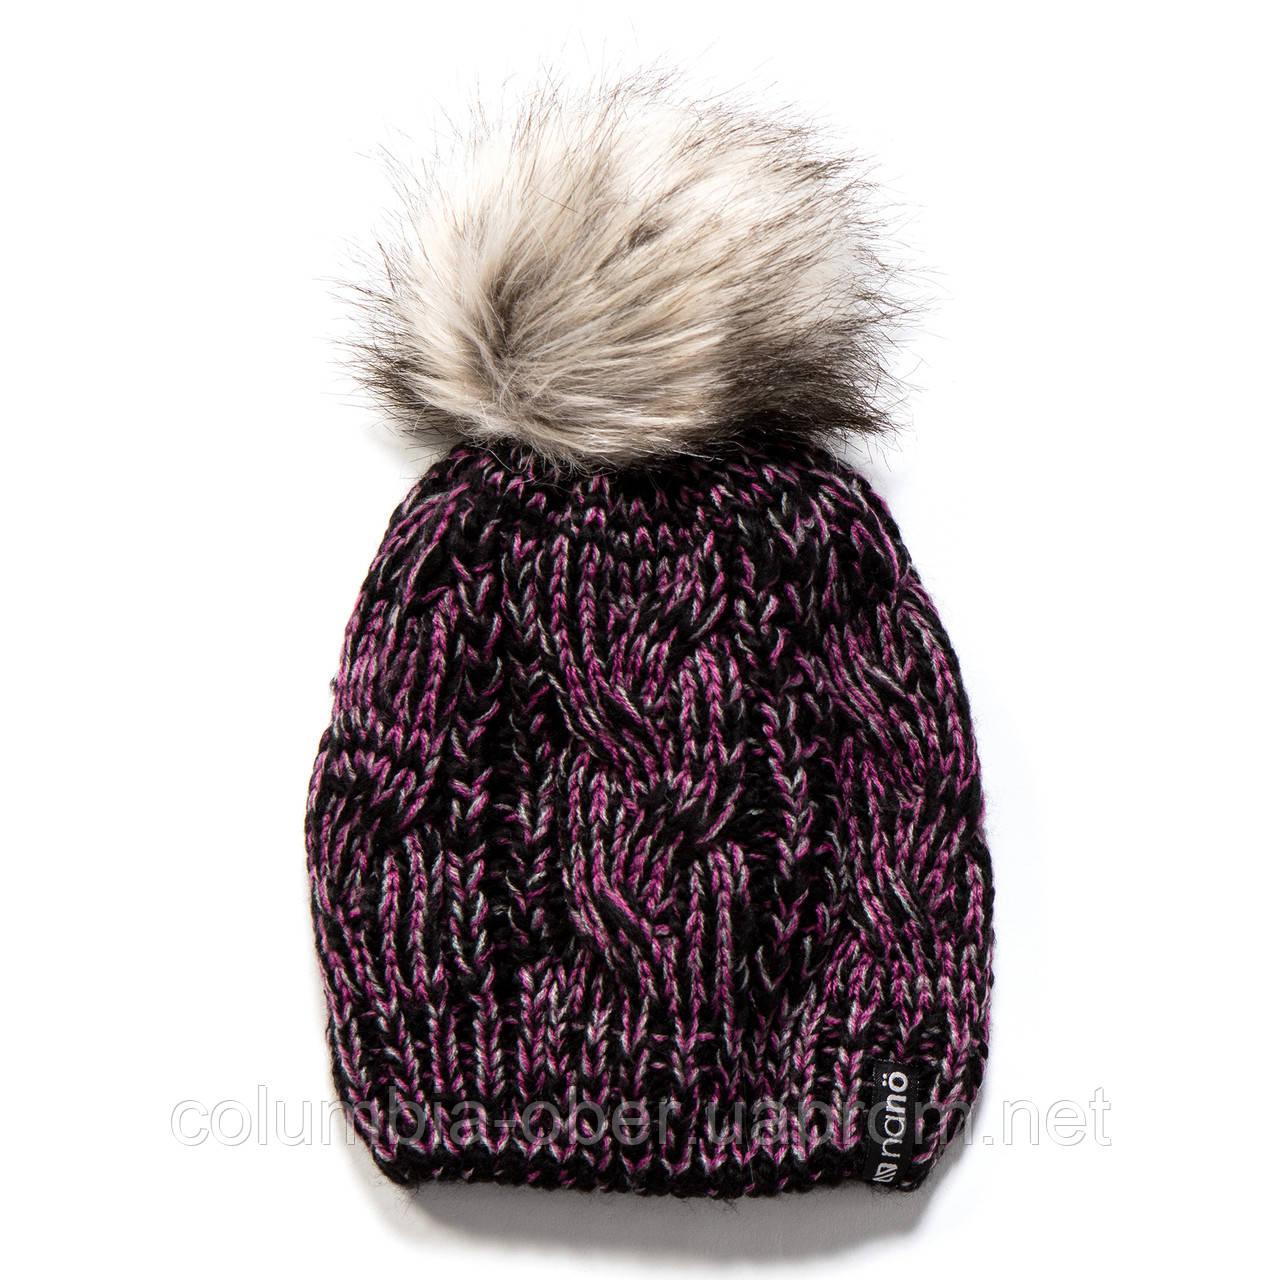 Зимняя детская шапка для девочки Nano F17 TU 1252Black / Pink. Размеры  4/6х- 7-12.